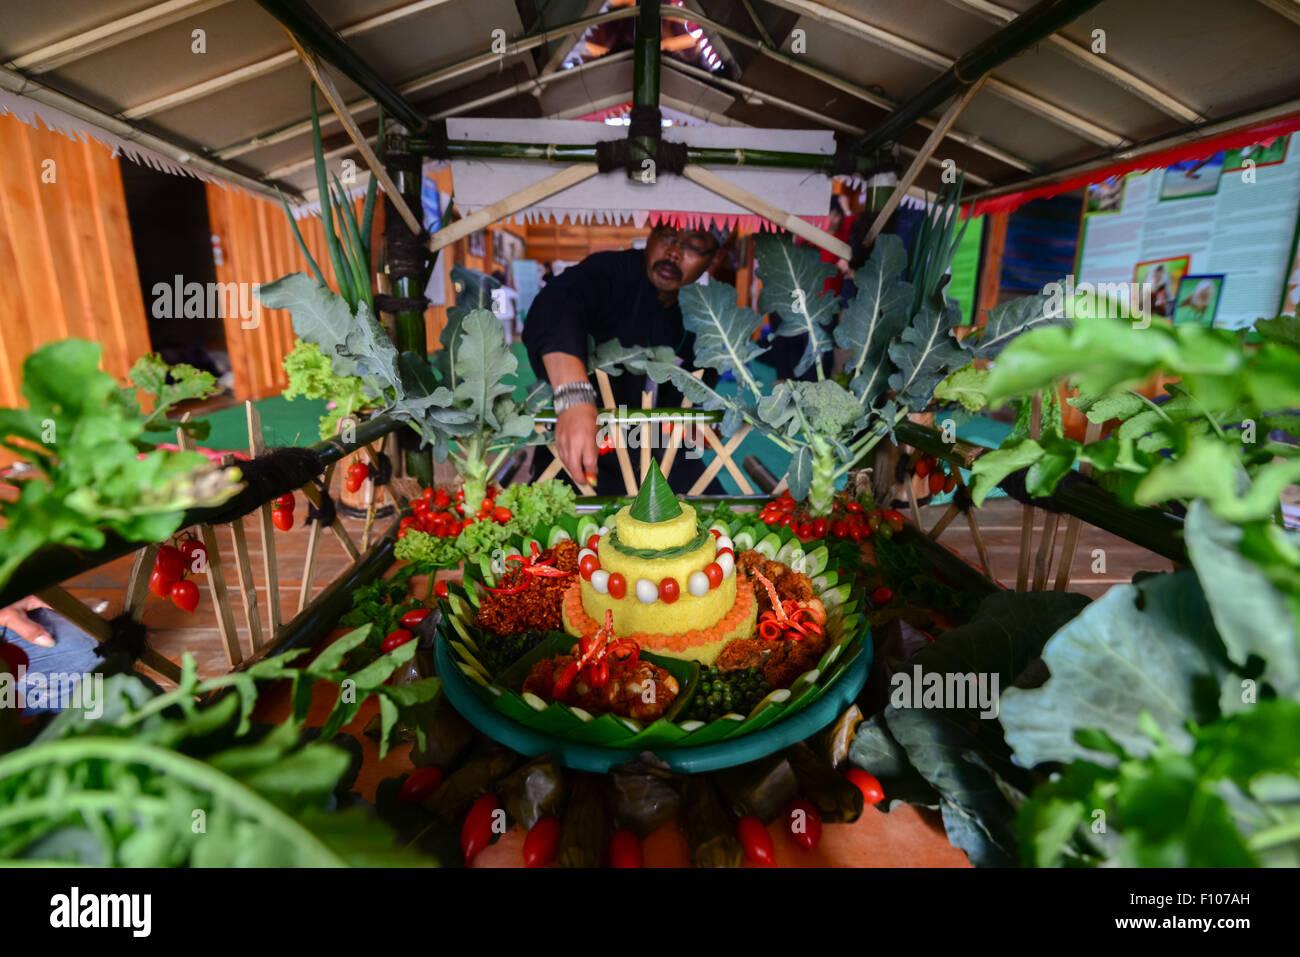 Il sambuco tradizionale comunità Sundanese prepara il cibo che offre per la cerimonia. Immagini Stock